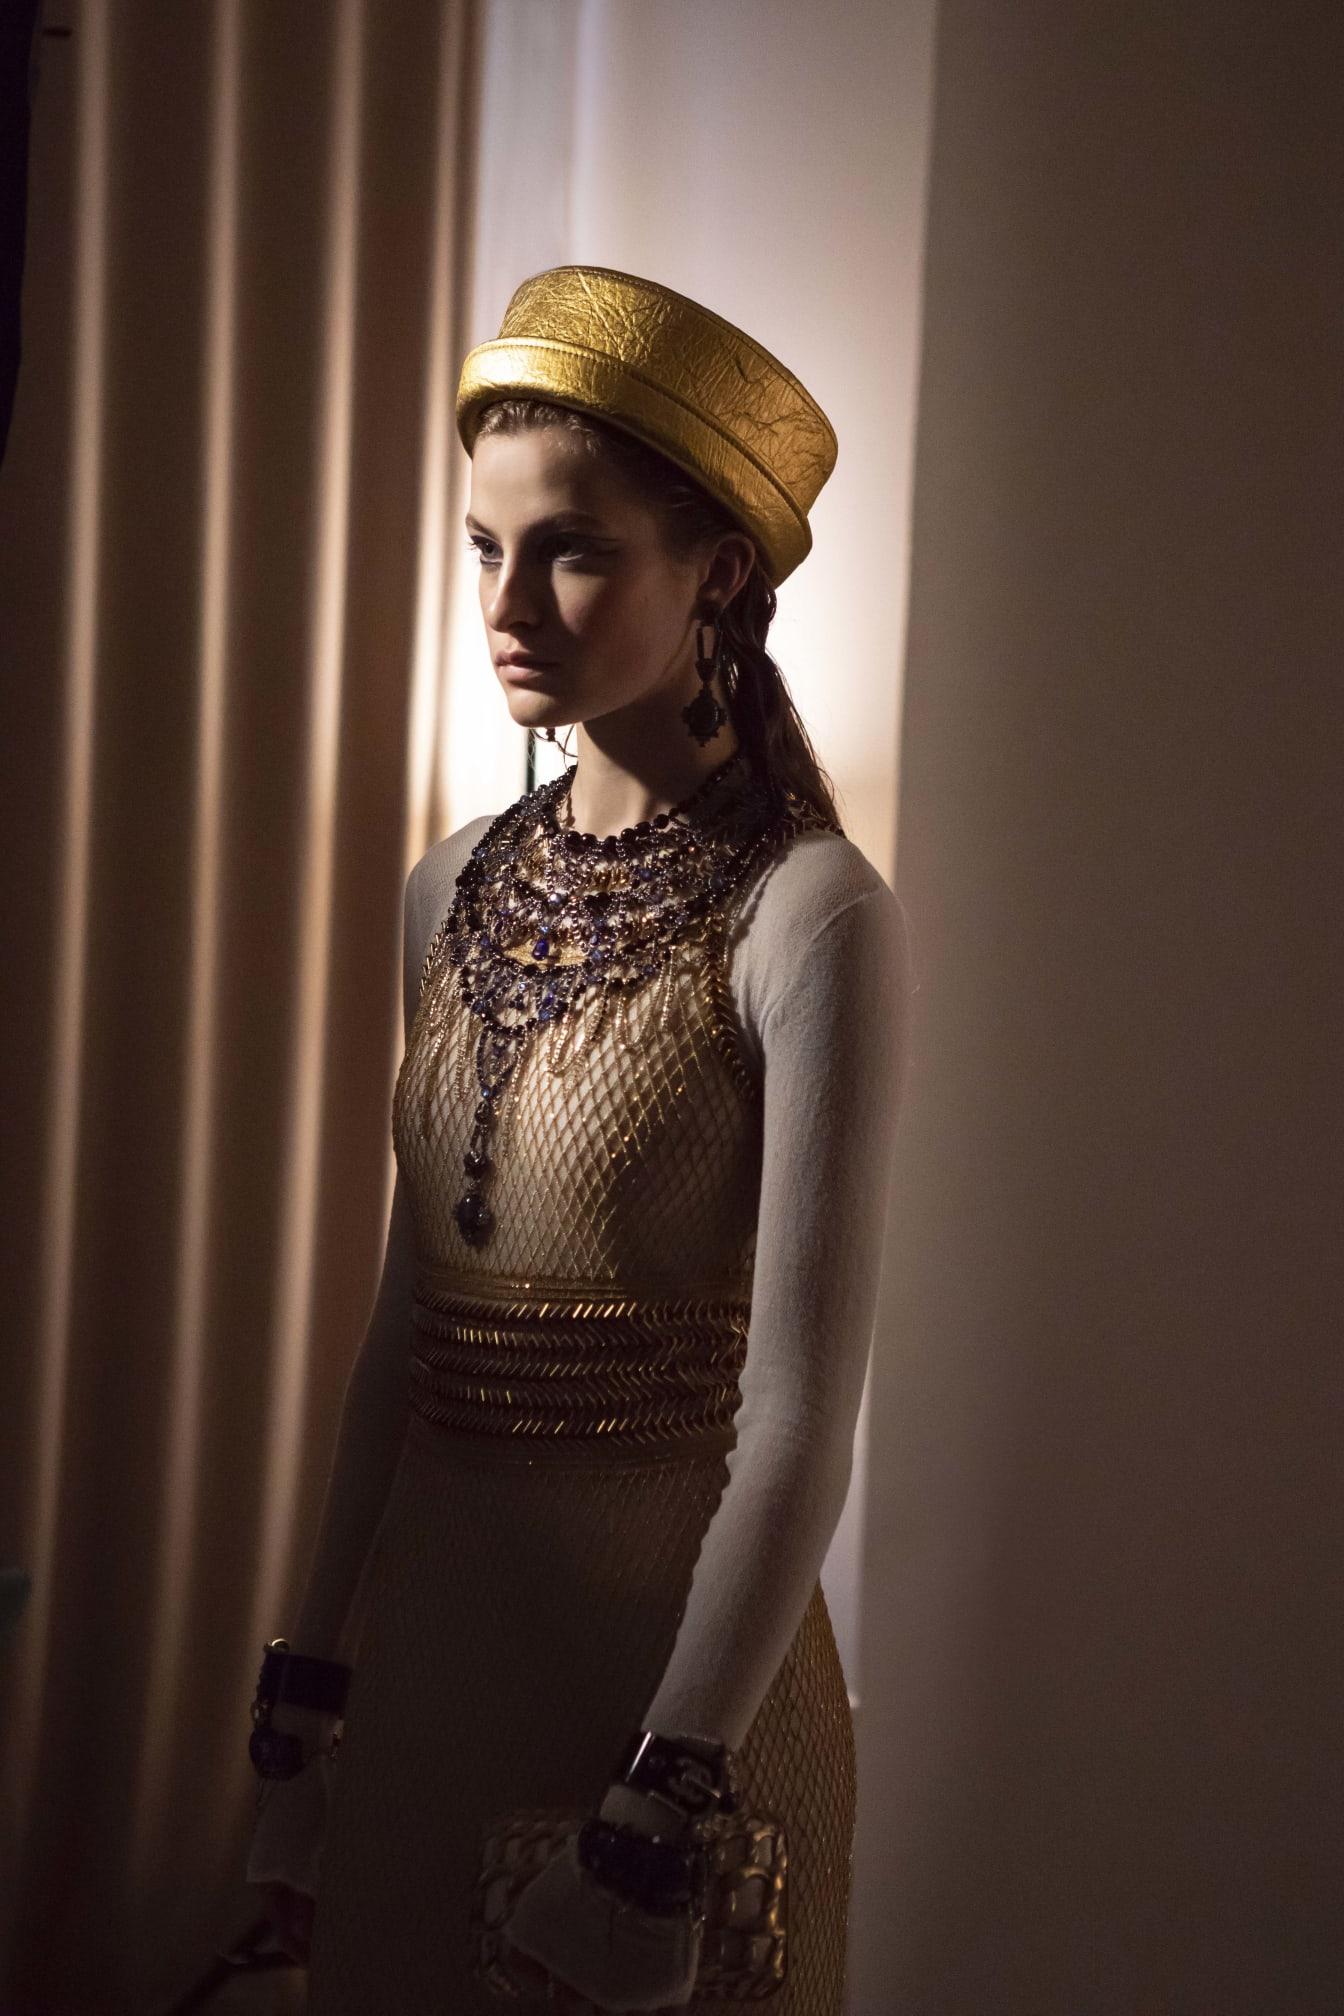 CHANEL Métiers d'Art Paris New York Résille dorée Atelier Montex Esprit de Gabrielle espritdegabrielle.com